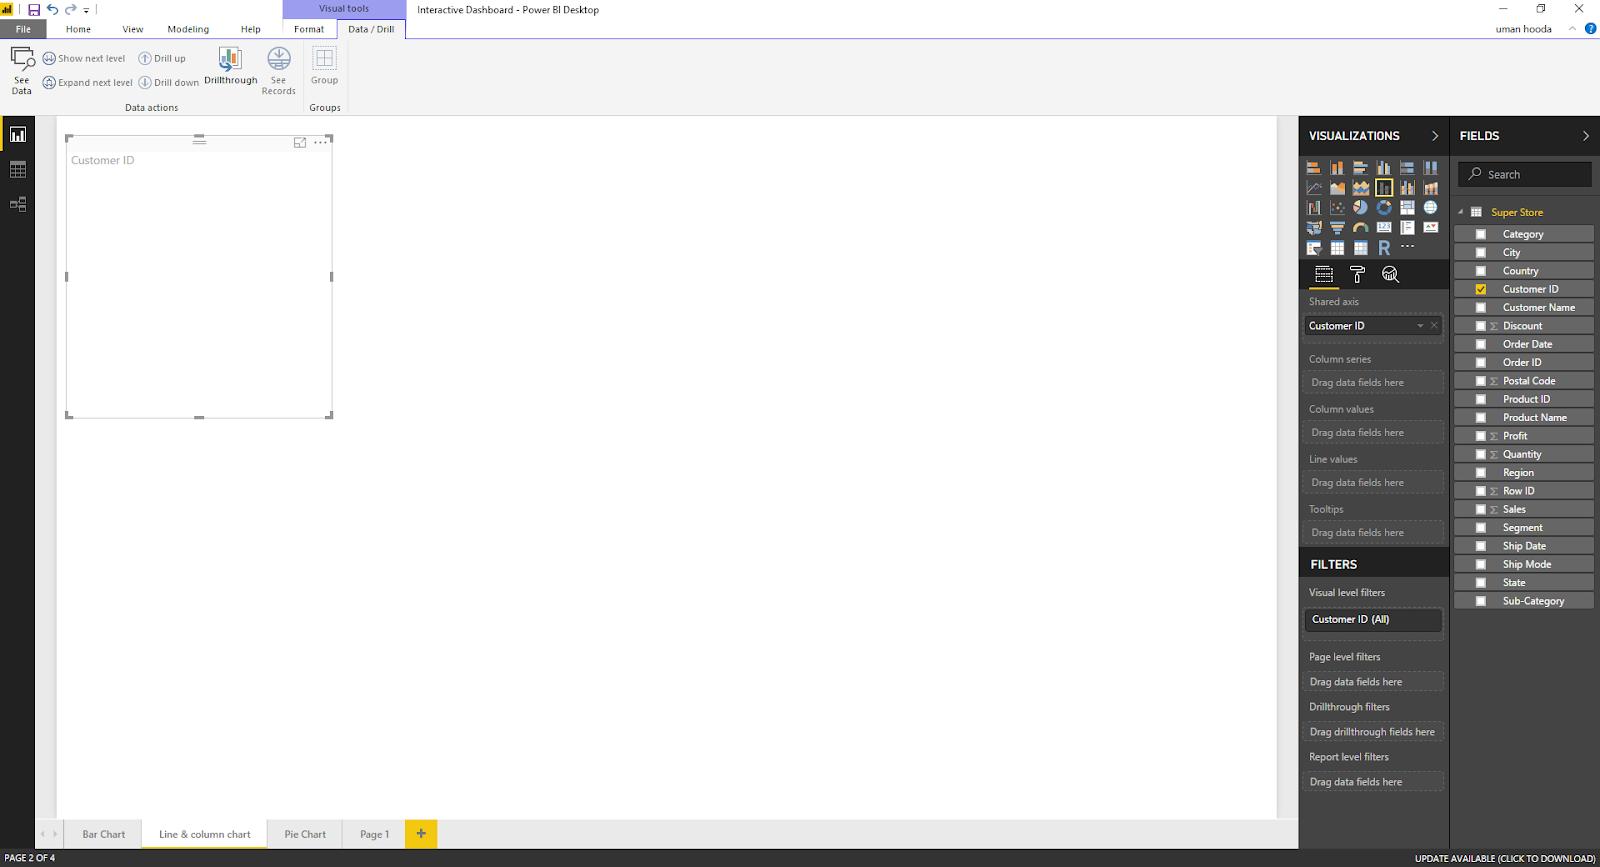 Interactive Dashboard In Microsoft Power BI 34